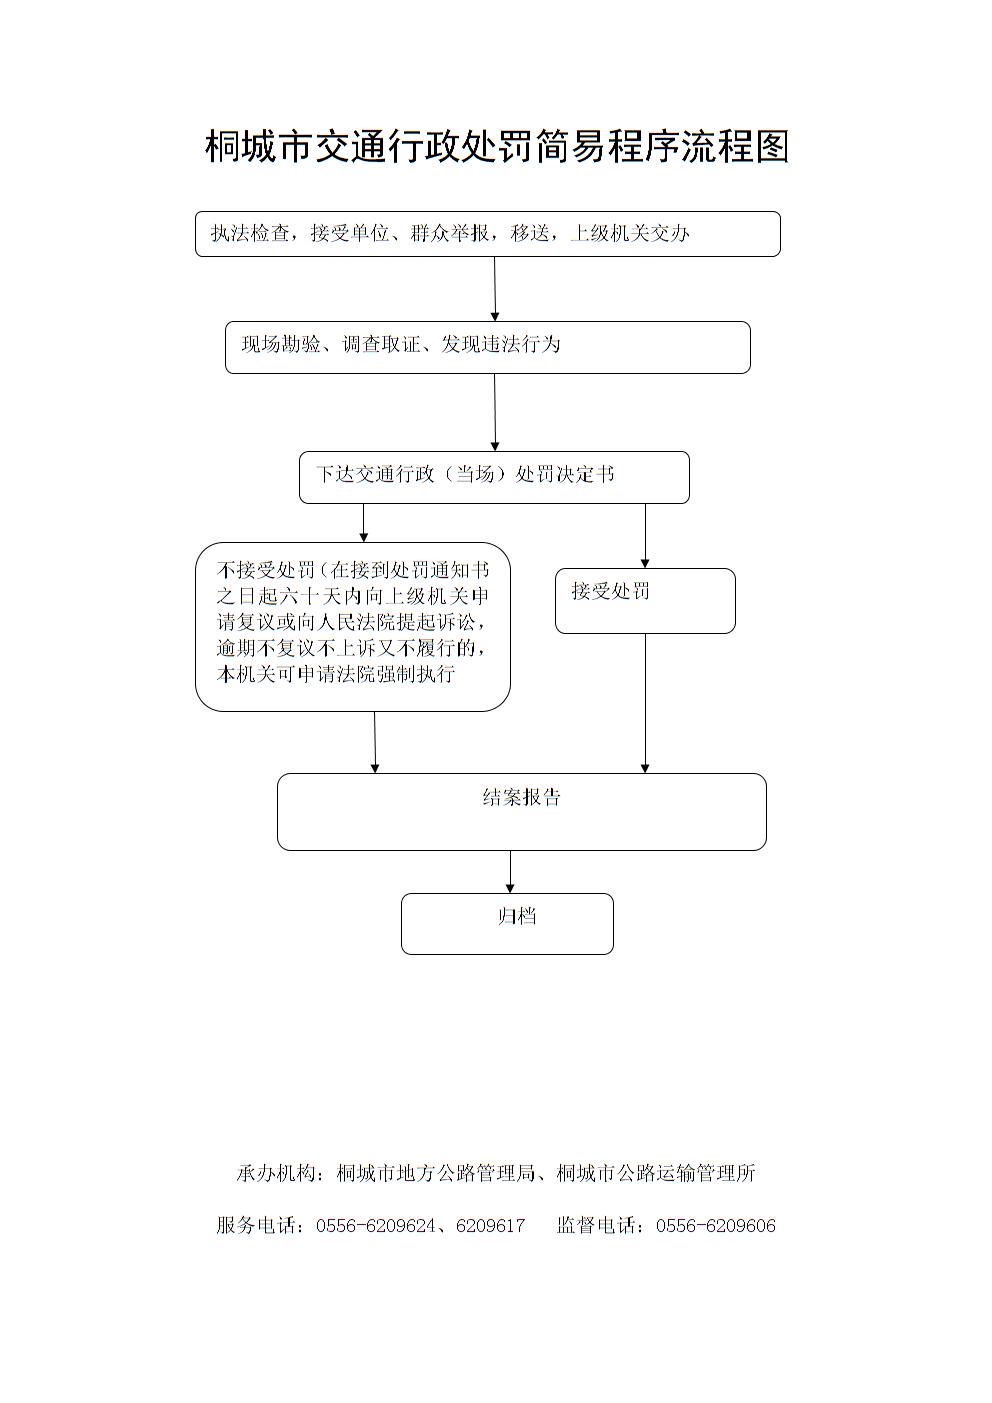 交通简易程序_桐城市交通行政罚简易程序流程图.doc